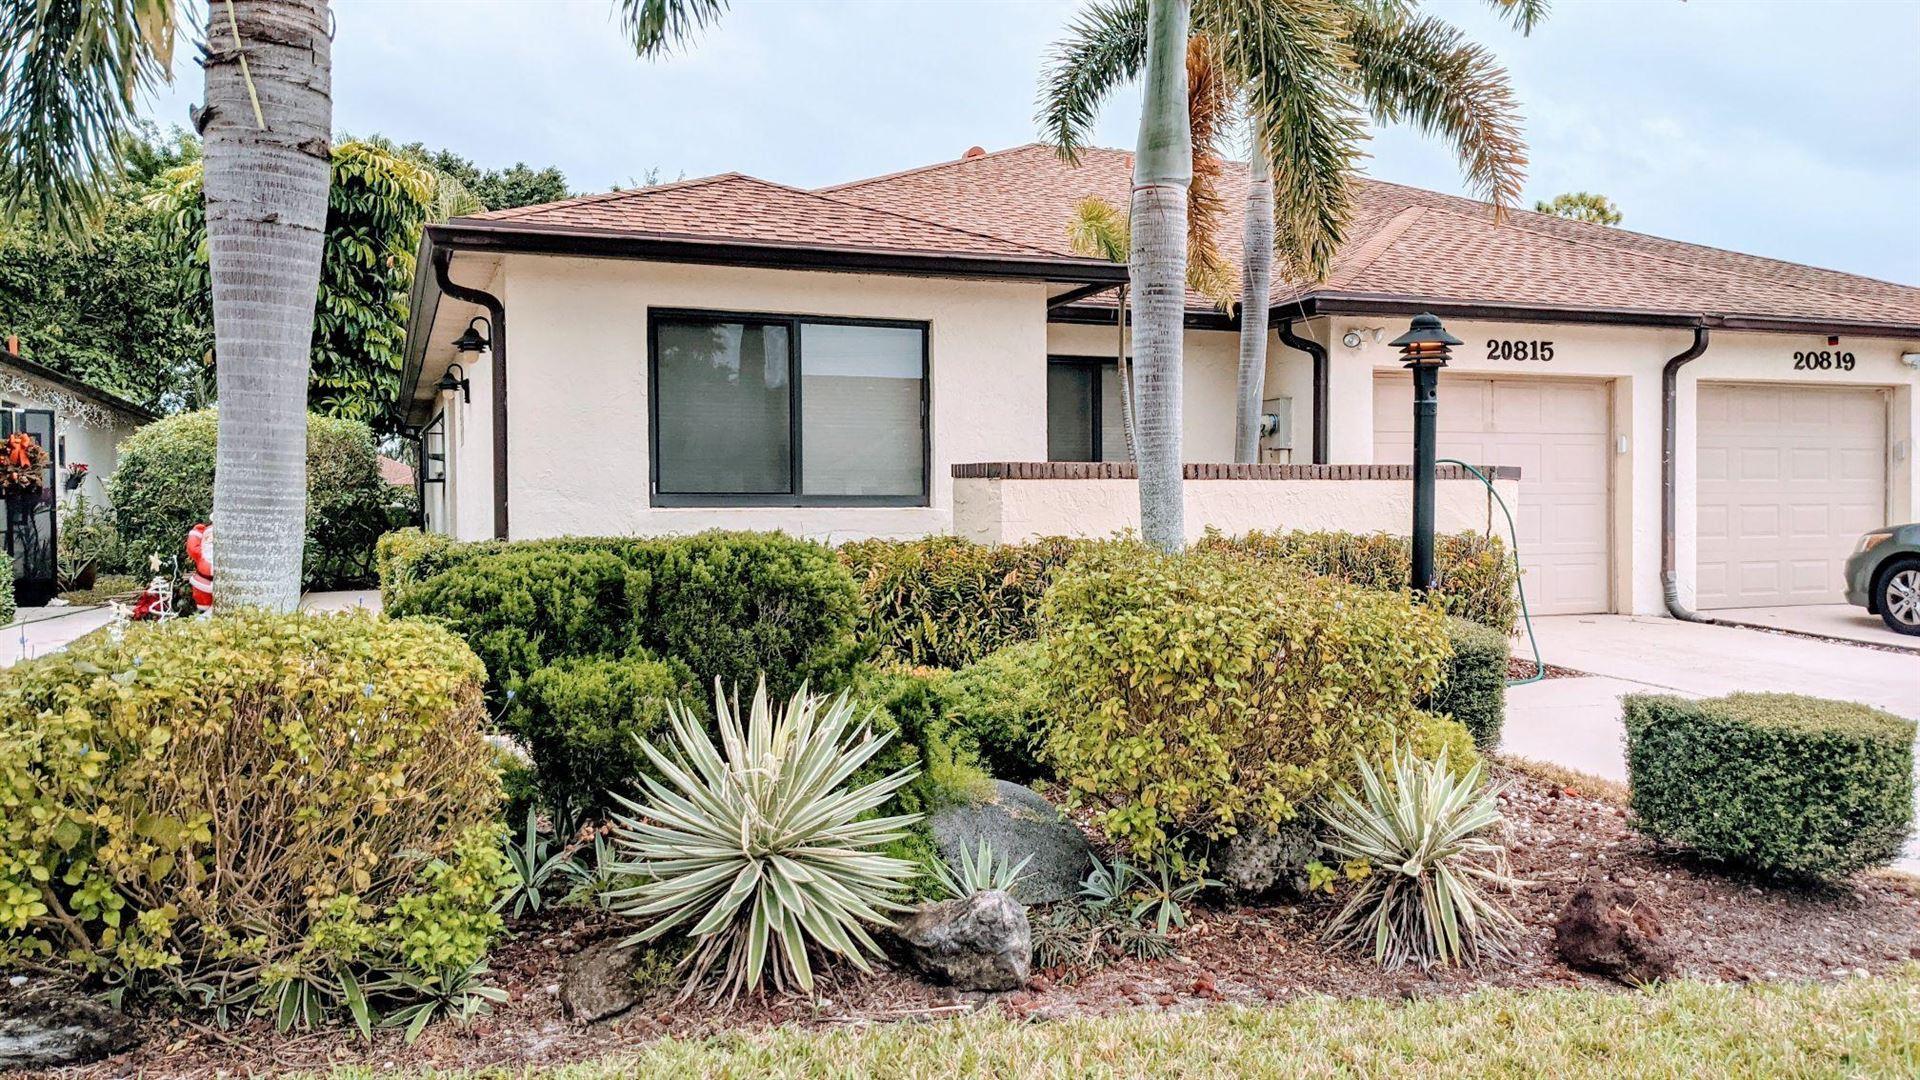 20815 Concord Green Drive W, Boca Raton, FL 33433 - #: RX-10682363